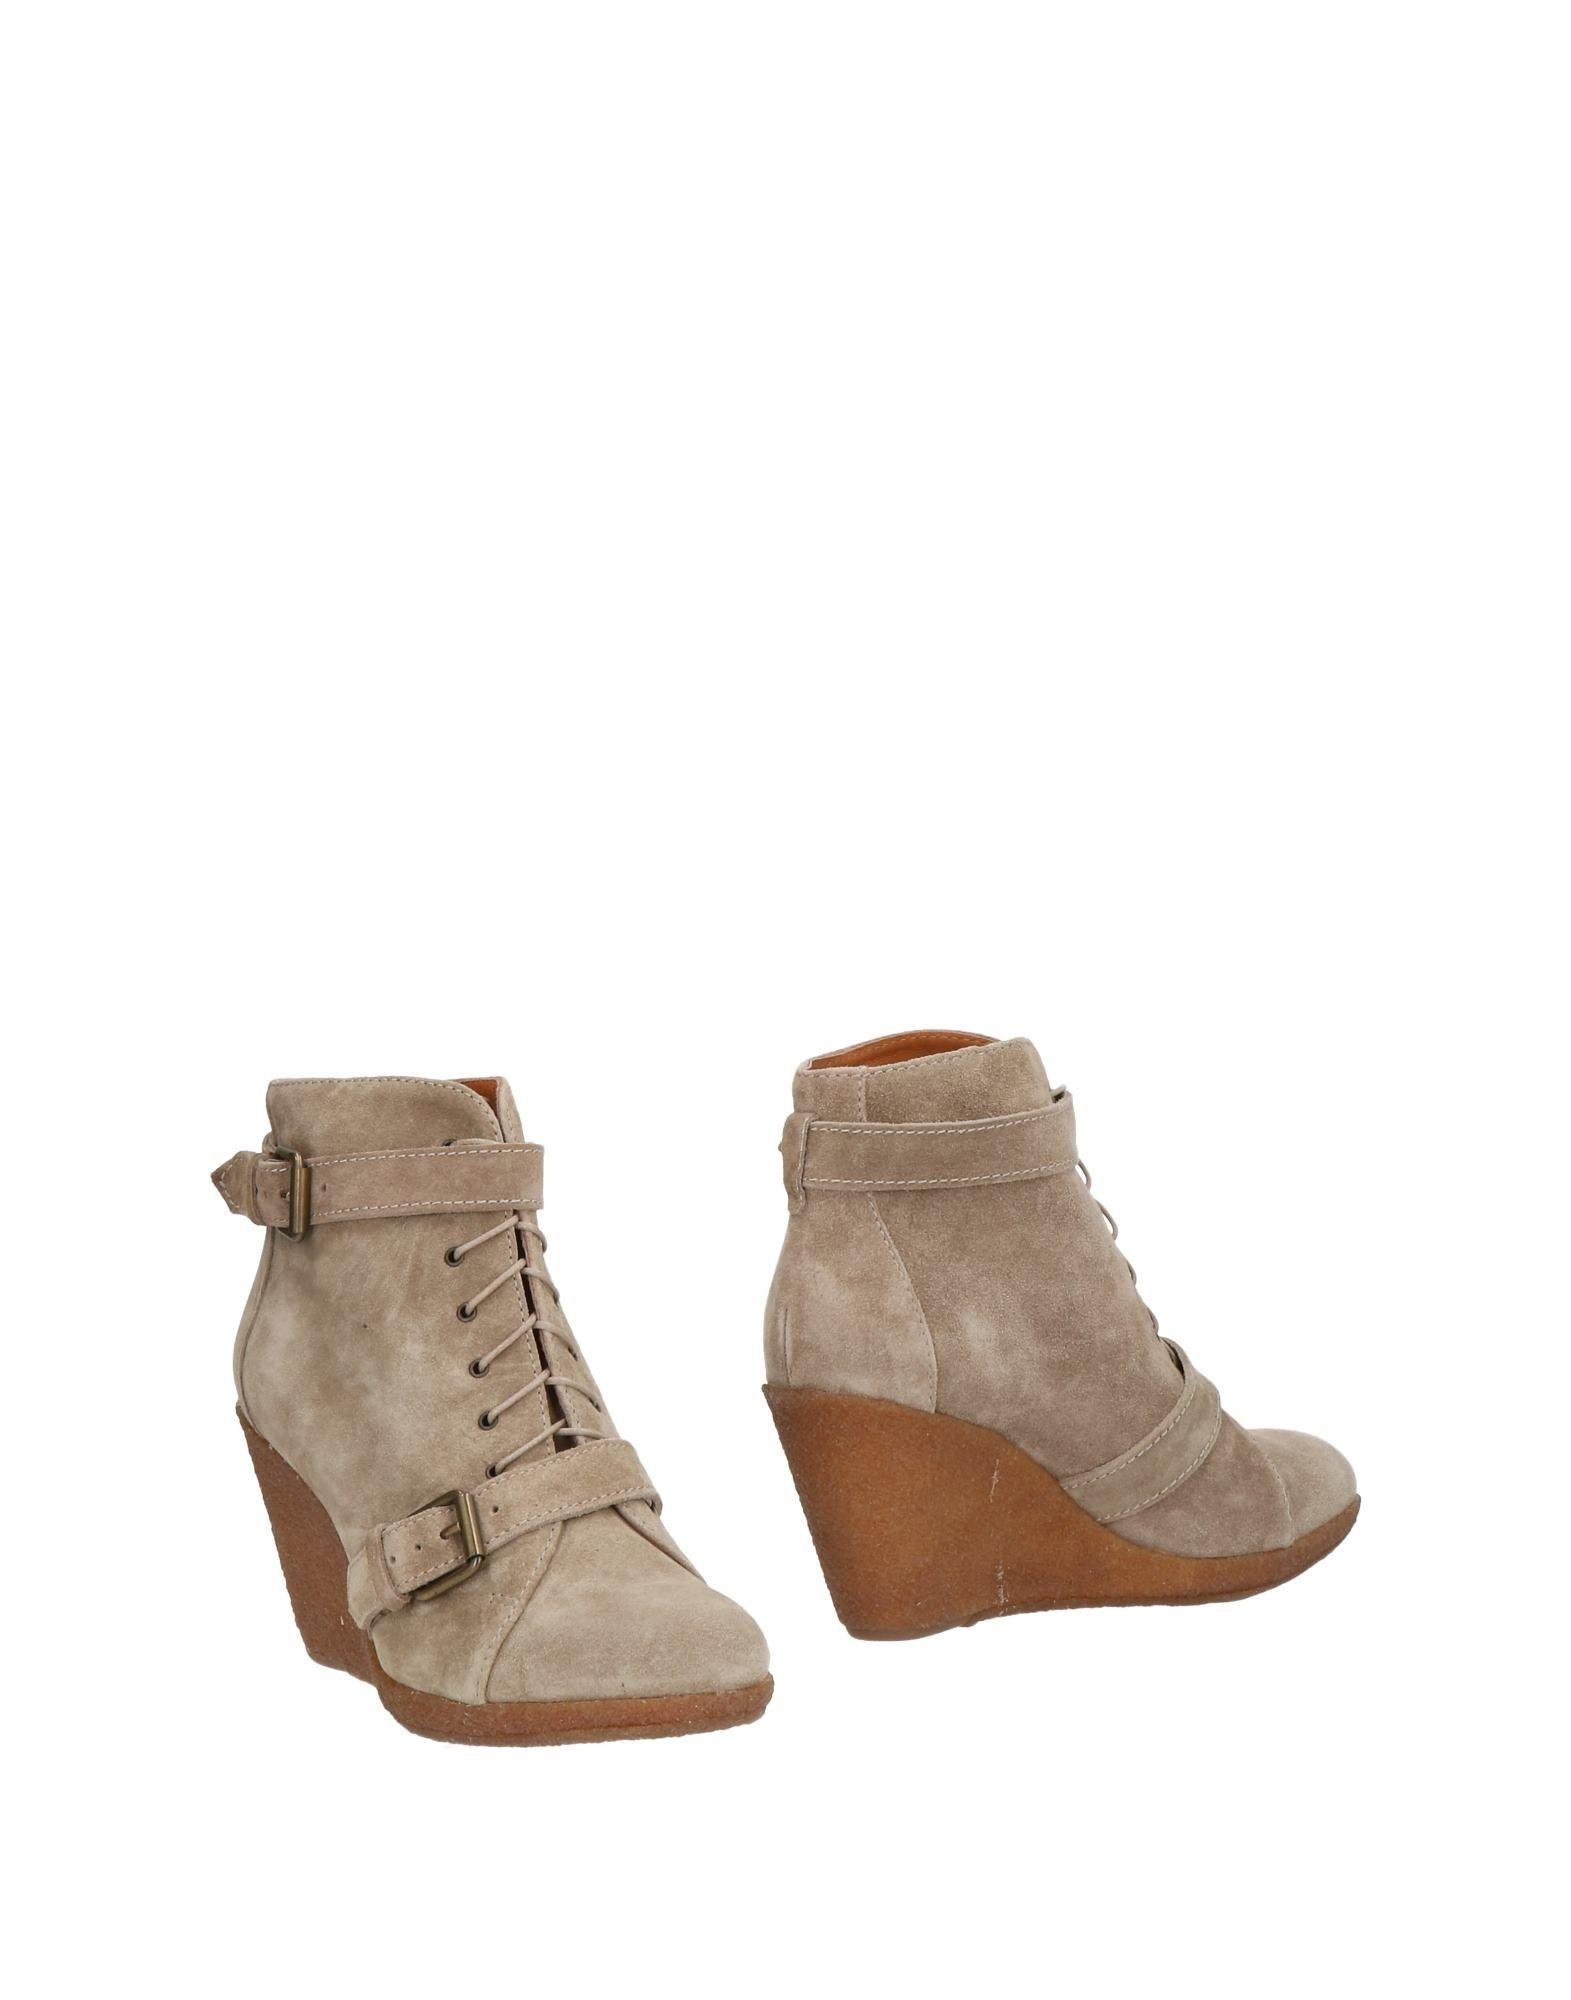 Stilvolle Stilvolle Stilvolle billige Schuhe 1937 Footwear Stiefelette Damen  11500505UL 6fbb9d